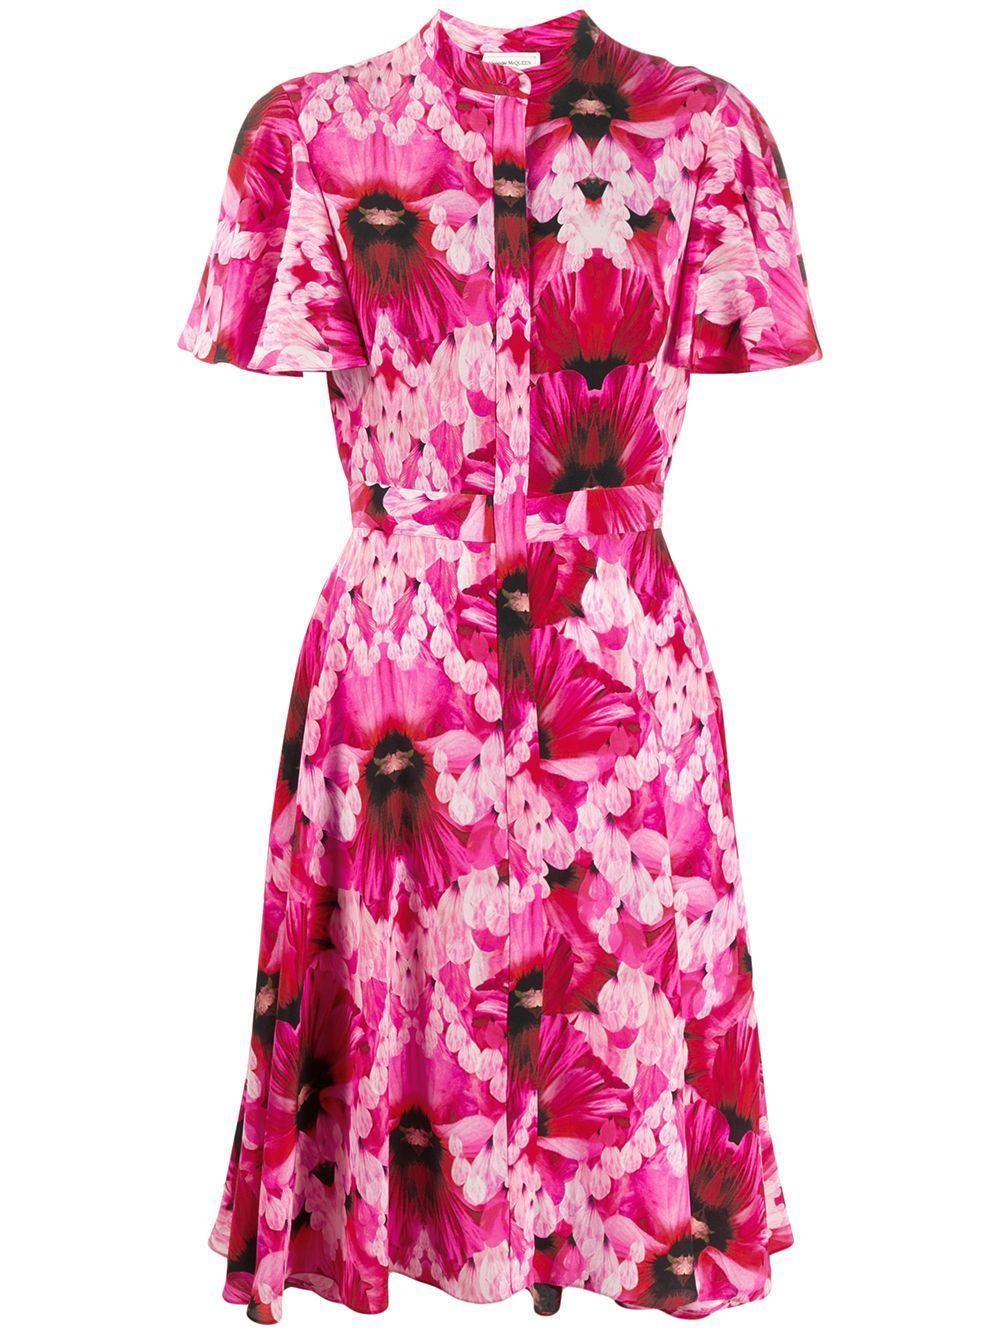 Flutter Sleeve Dress With Full Skirt Item # 611120QCABE